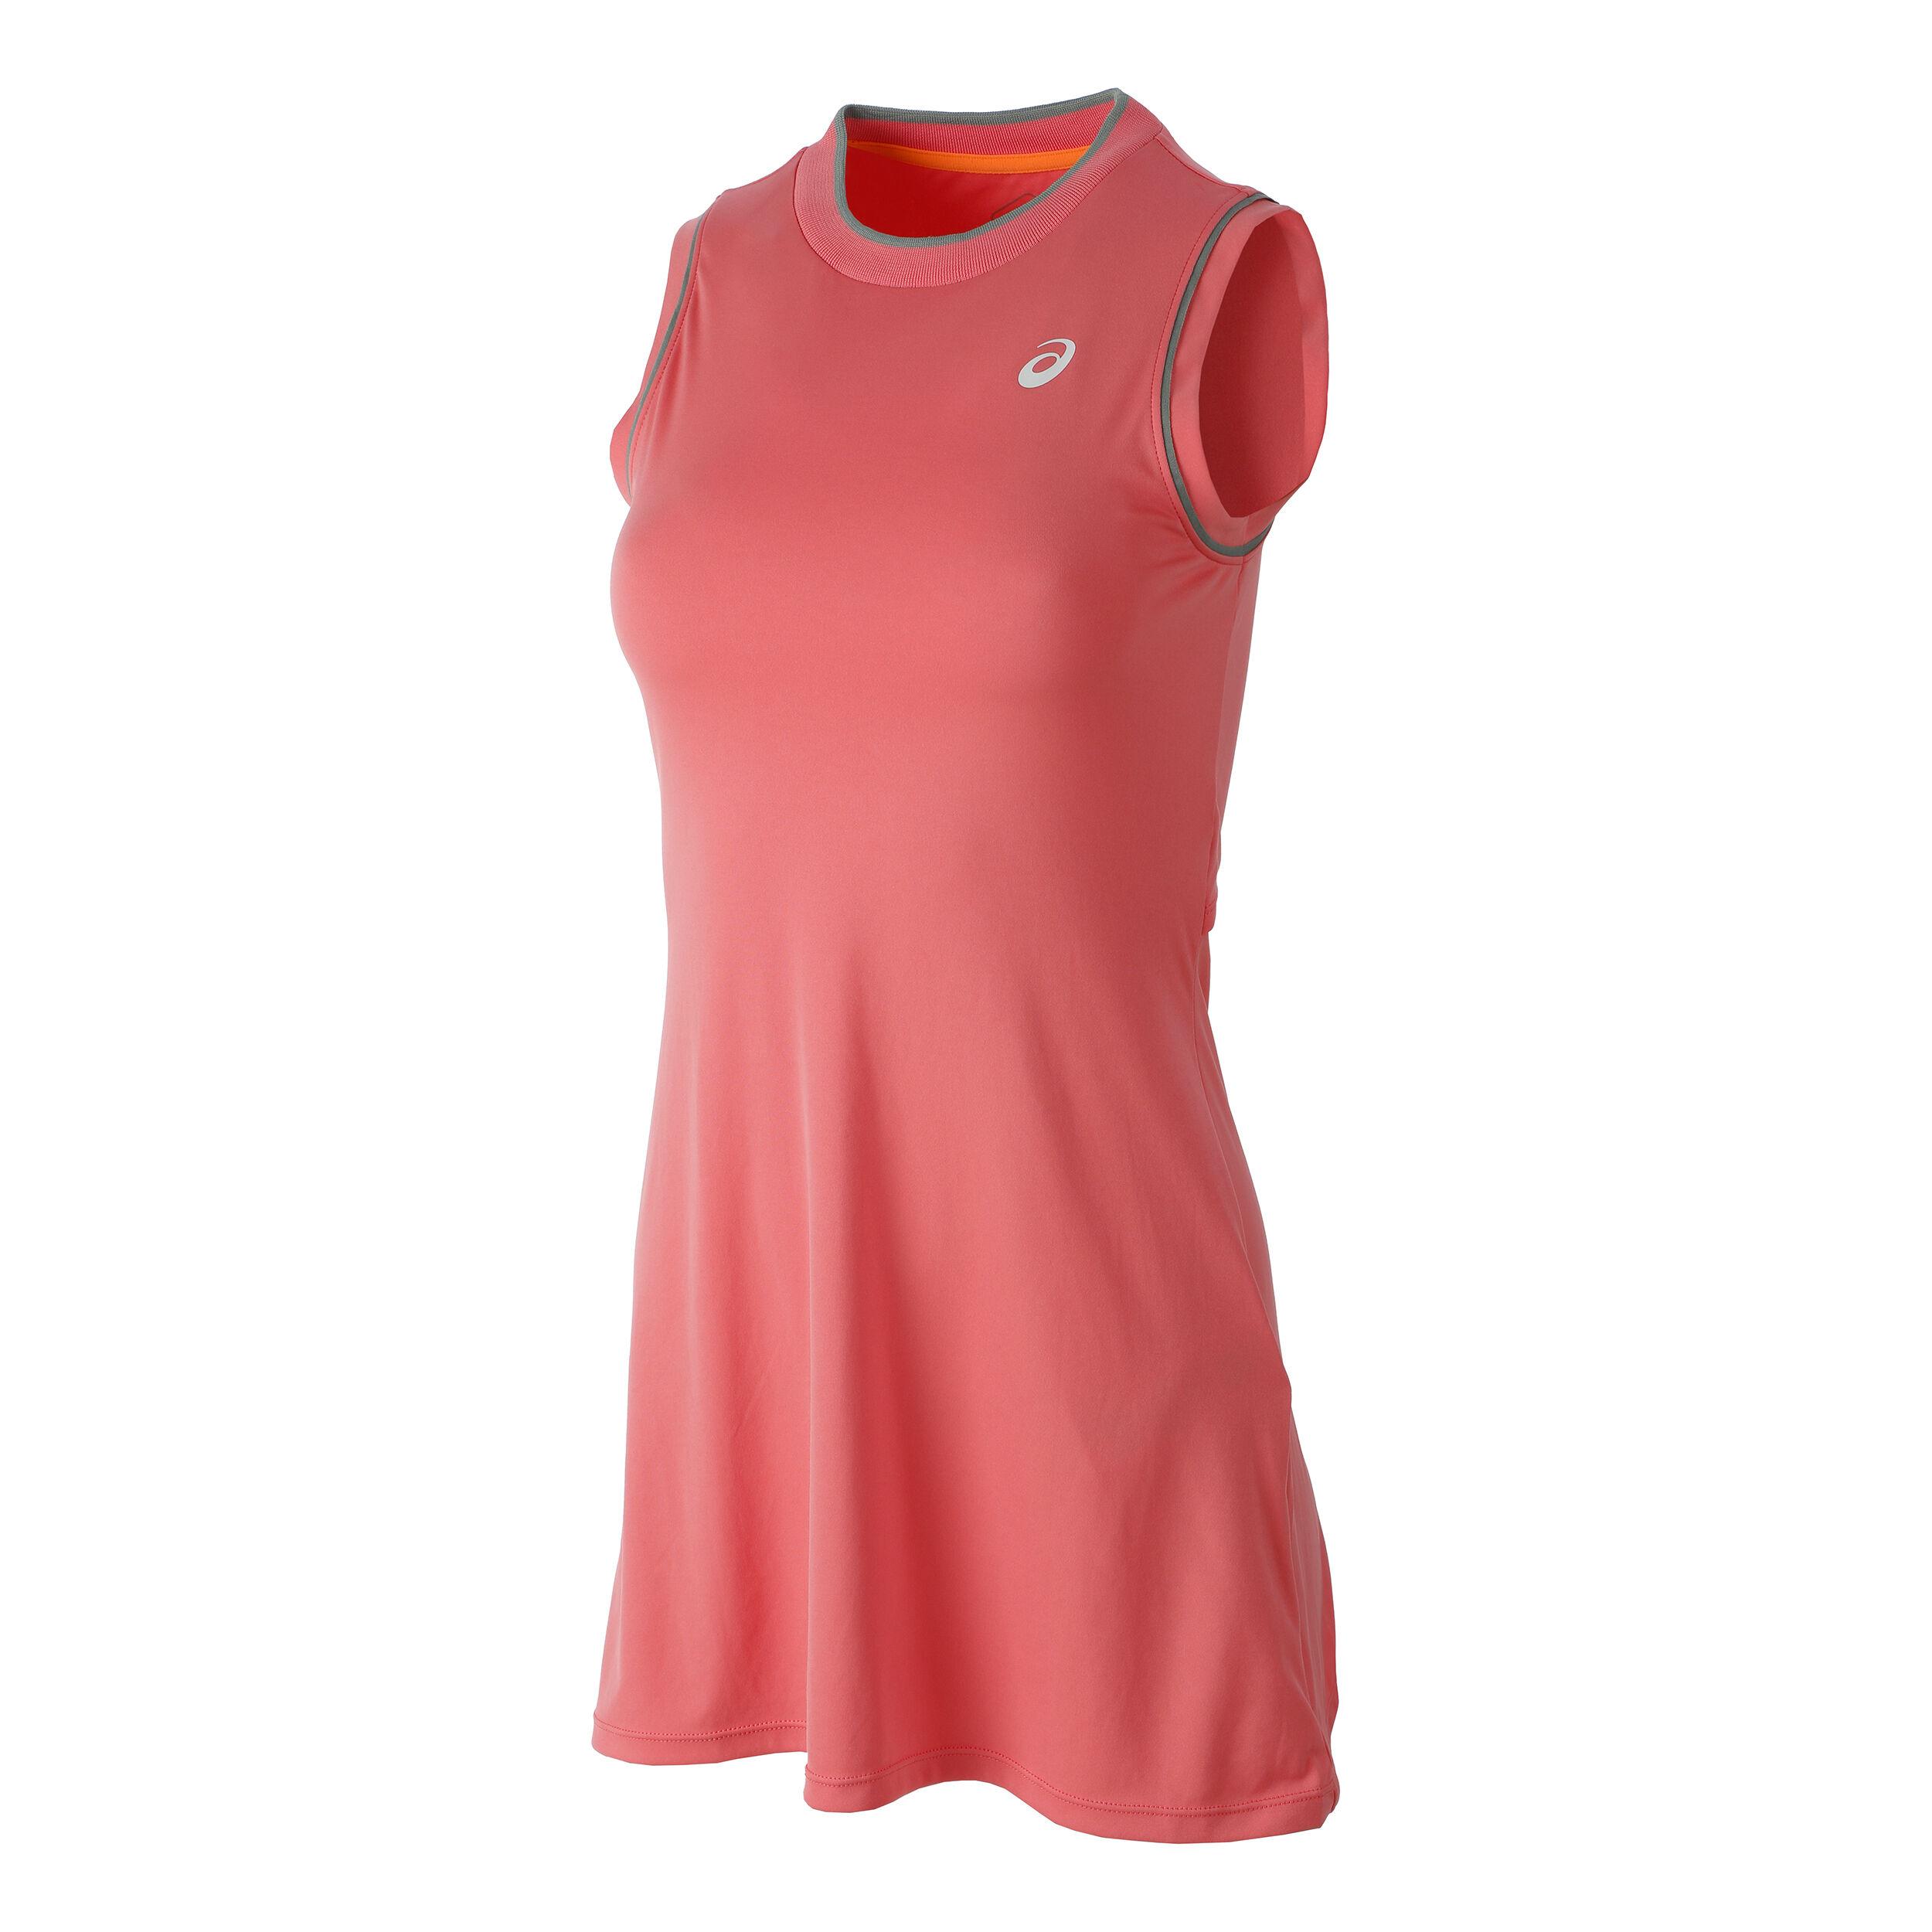 Robes de Asics acheter en ligne | Tennis-Point